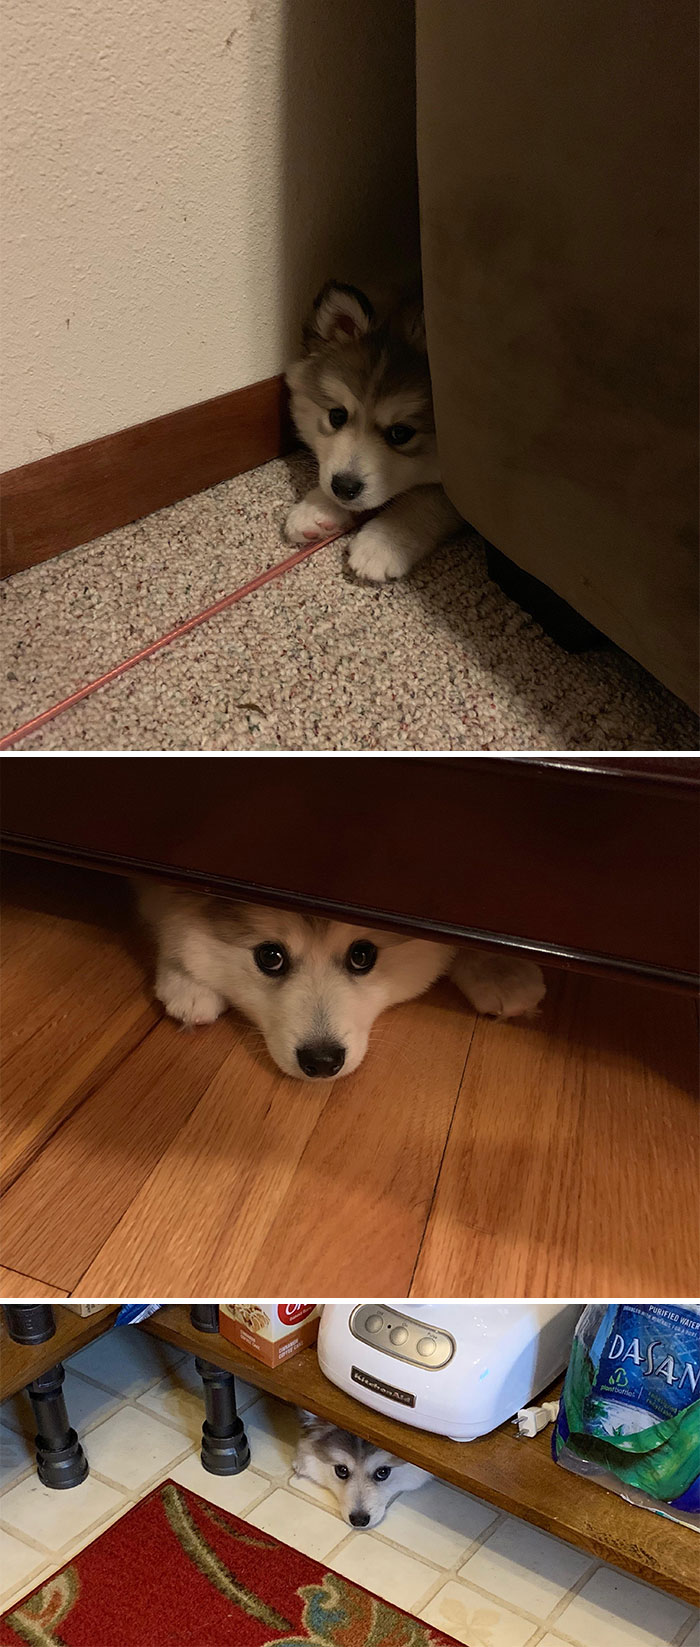 Creo que mi perro encaja bien aquí